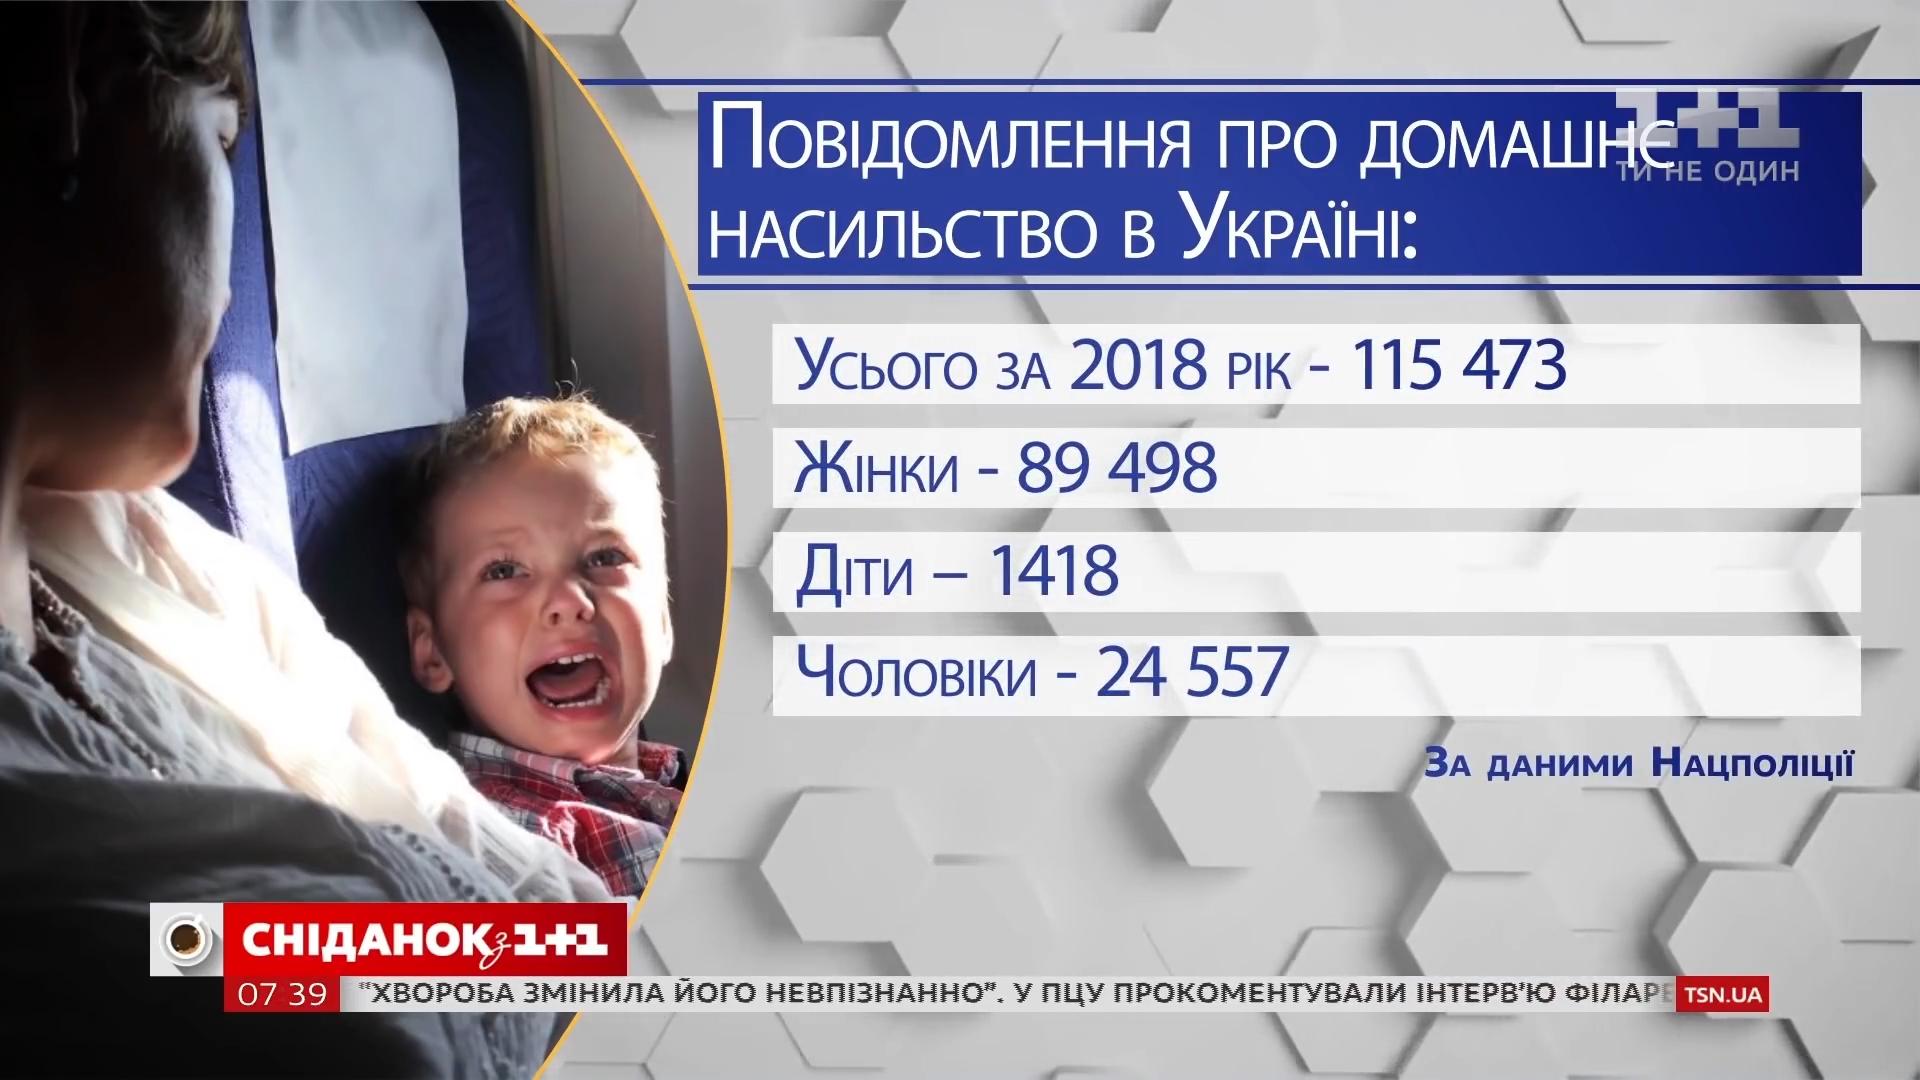 20190708_09-51-Что в Украине считается насилием над детьми и как ему противостоять - адвокат Олег Простибоженко-pic03